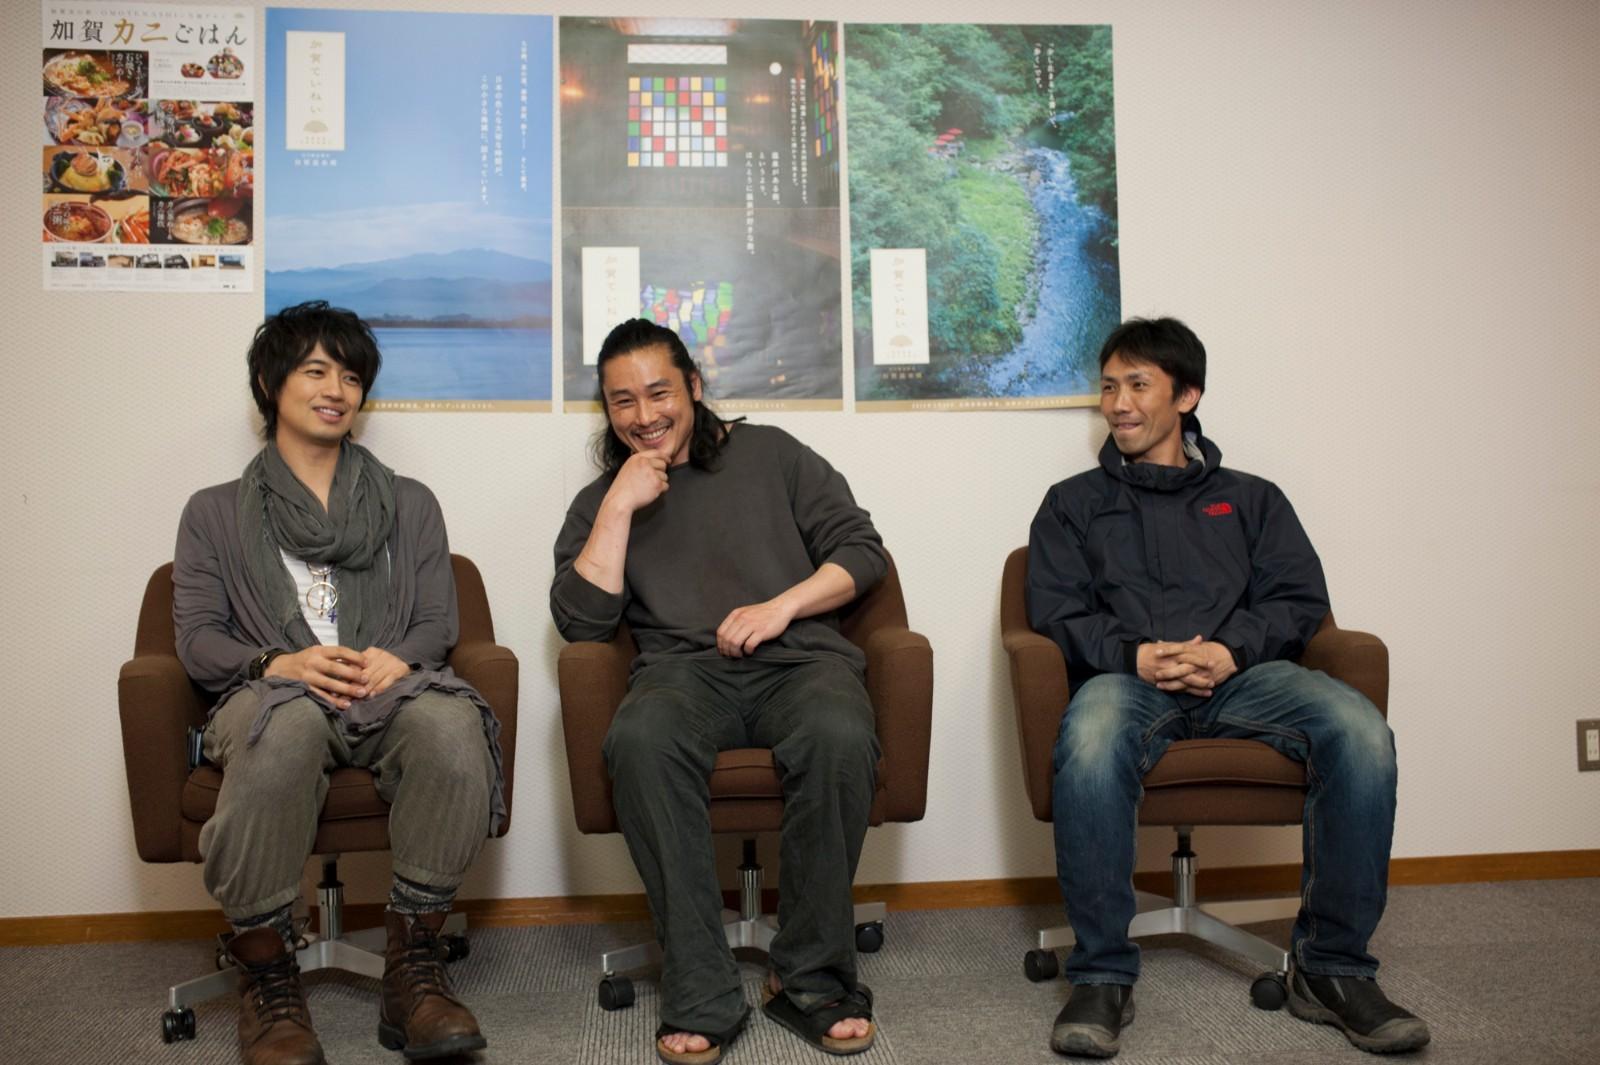 左から、斎藤工、坂口拓(TAK∴)、下村勇二監督